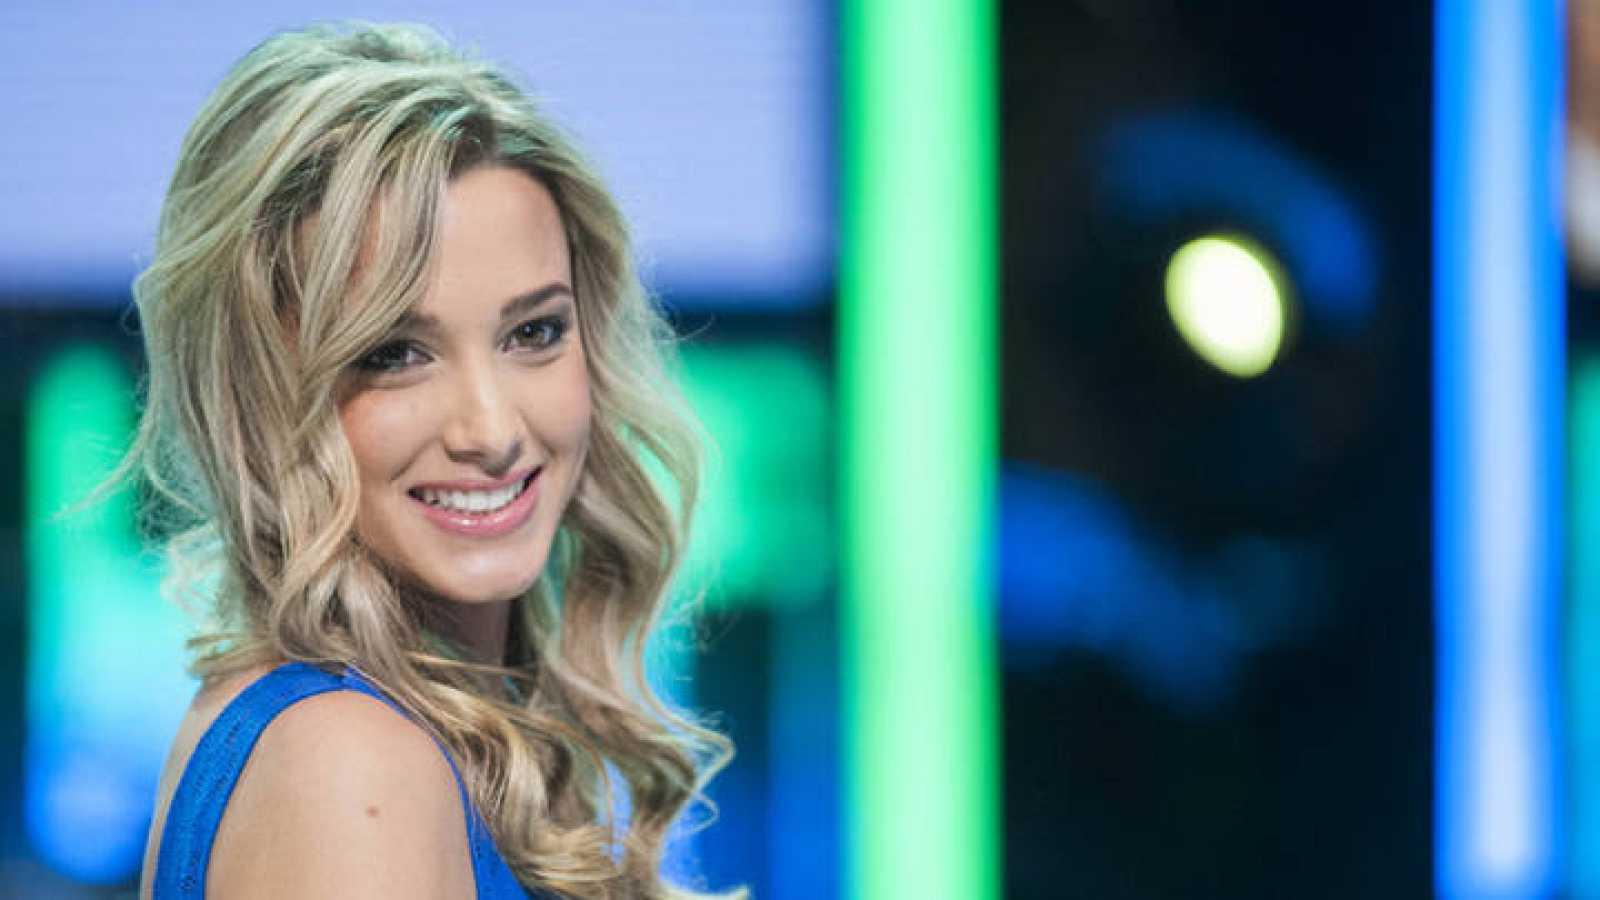 Corina Randazzo, de dependienta a estrella de televisión